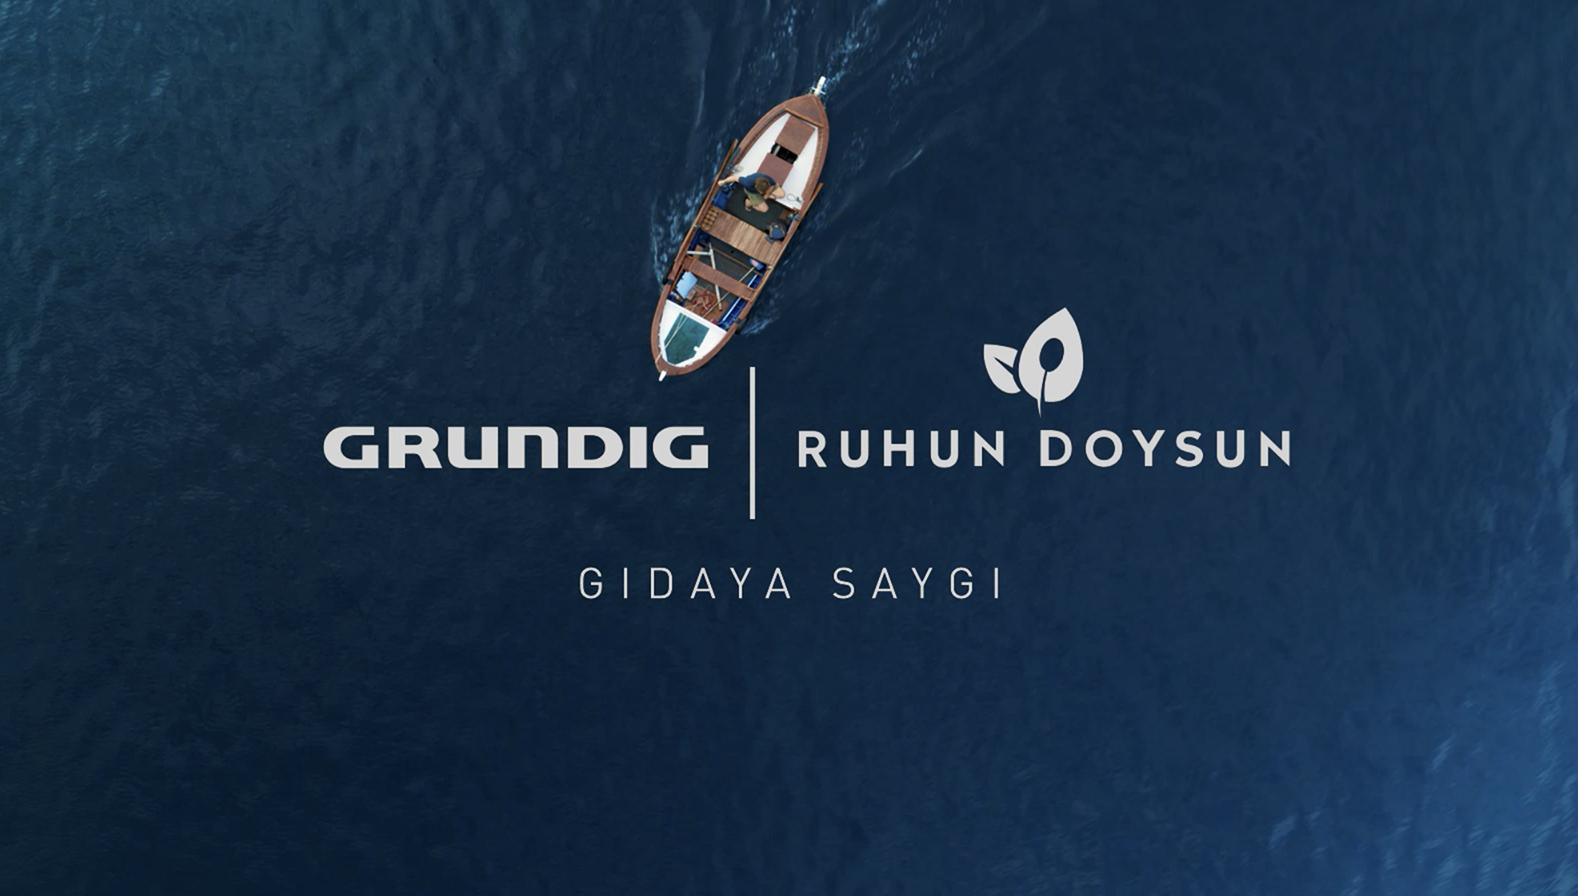 Grundig - Ruhun Doysun